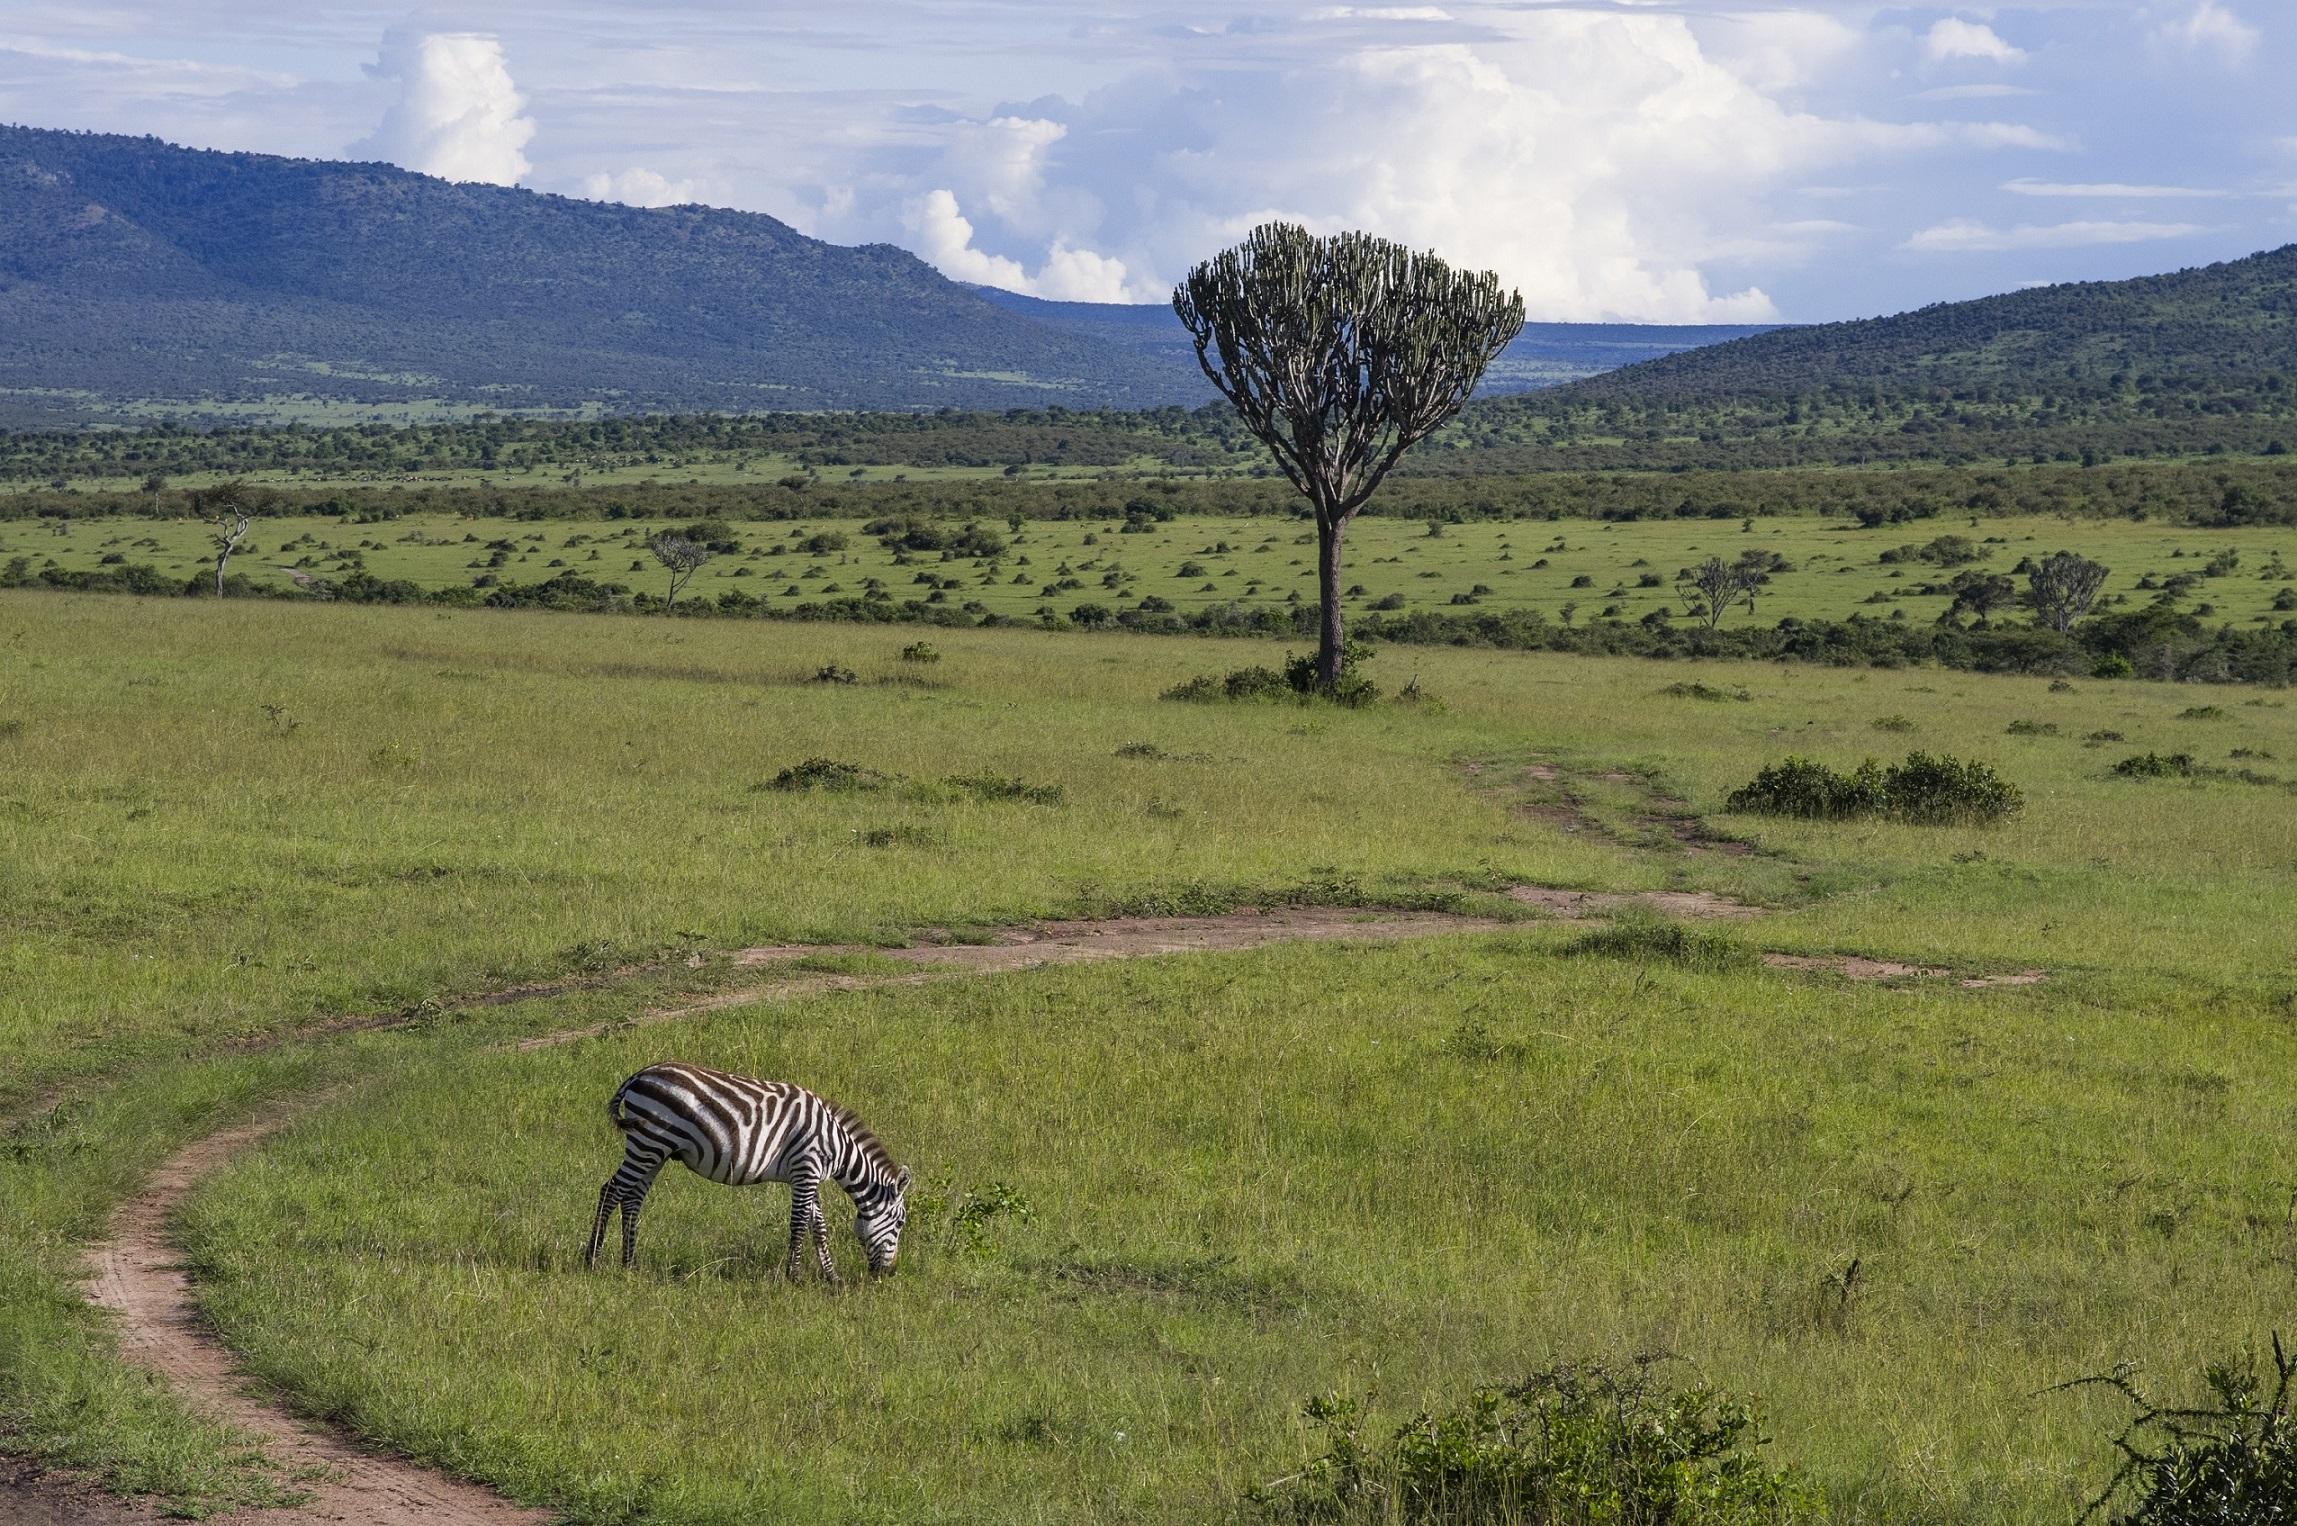 http://blog.miraikan.jst.go.jp/images/savanna.jpg